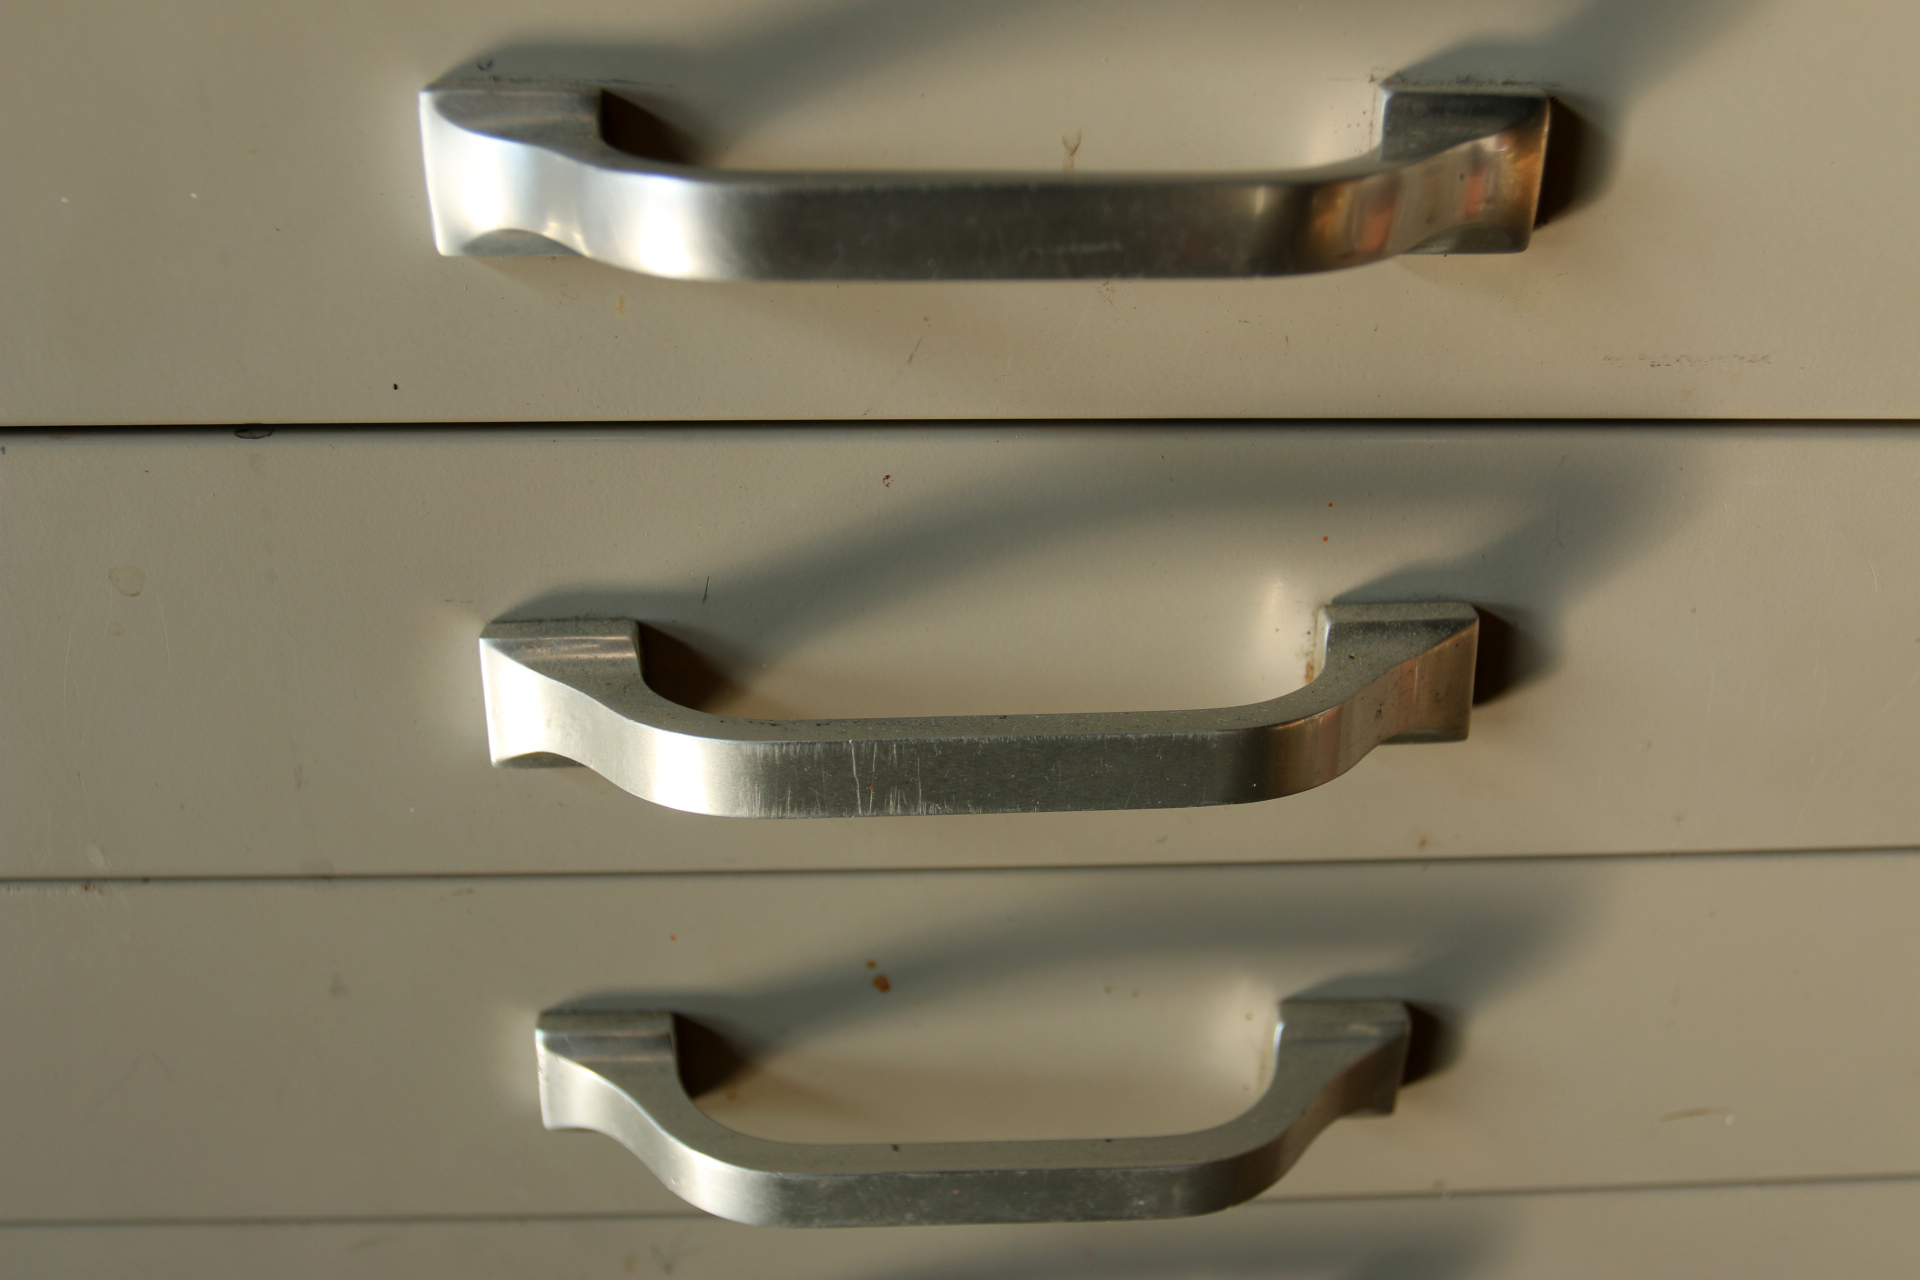 Ladenkast Tekeningen A1.Industrieel Vintage Ladekast Salontafel Papierkast Metaal A1